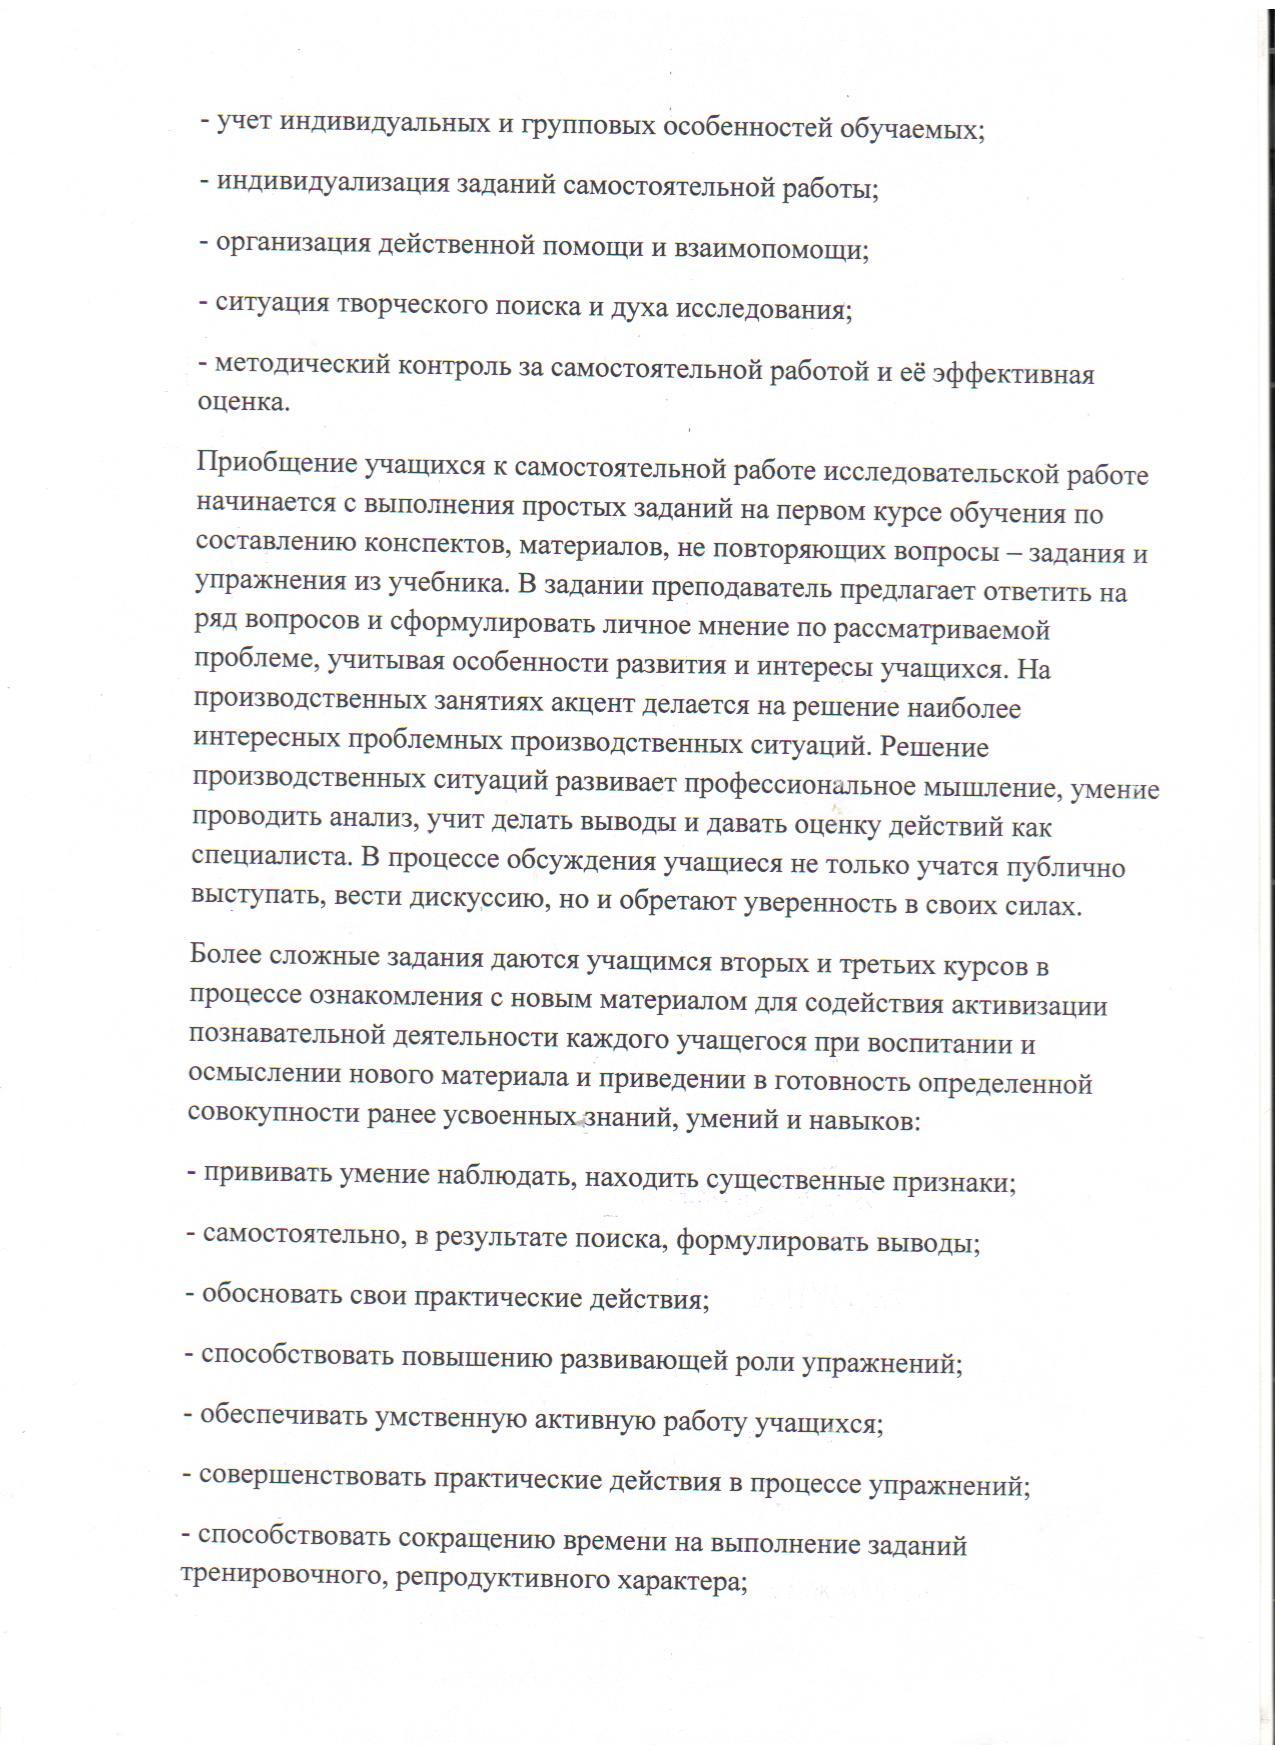 H:\СРС Сидоркин\Самостоятельная работа студентов 001.jpg